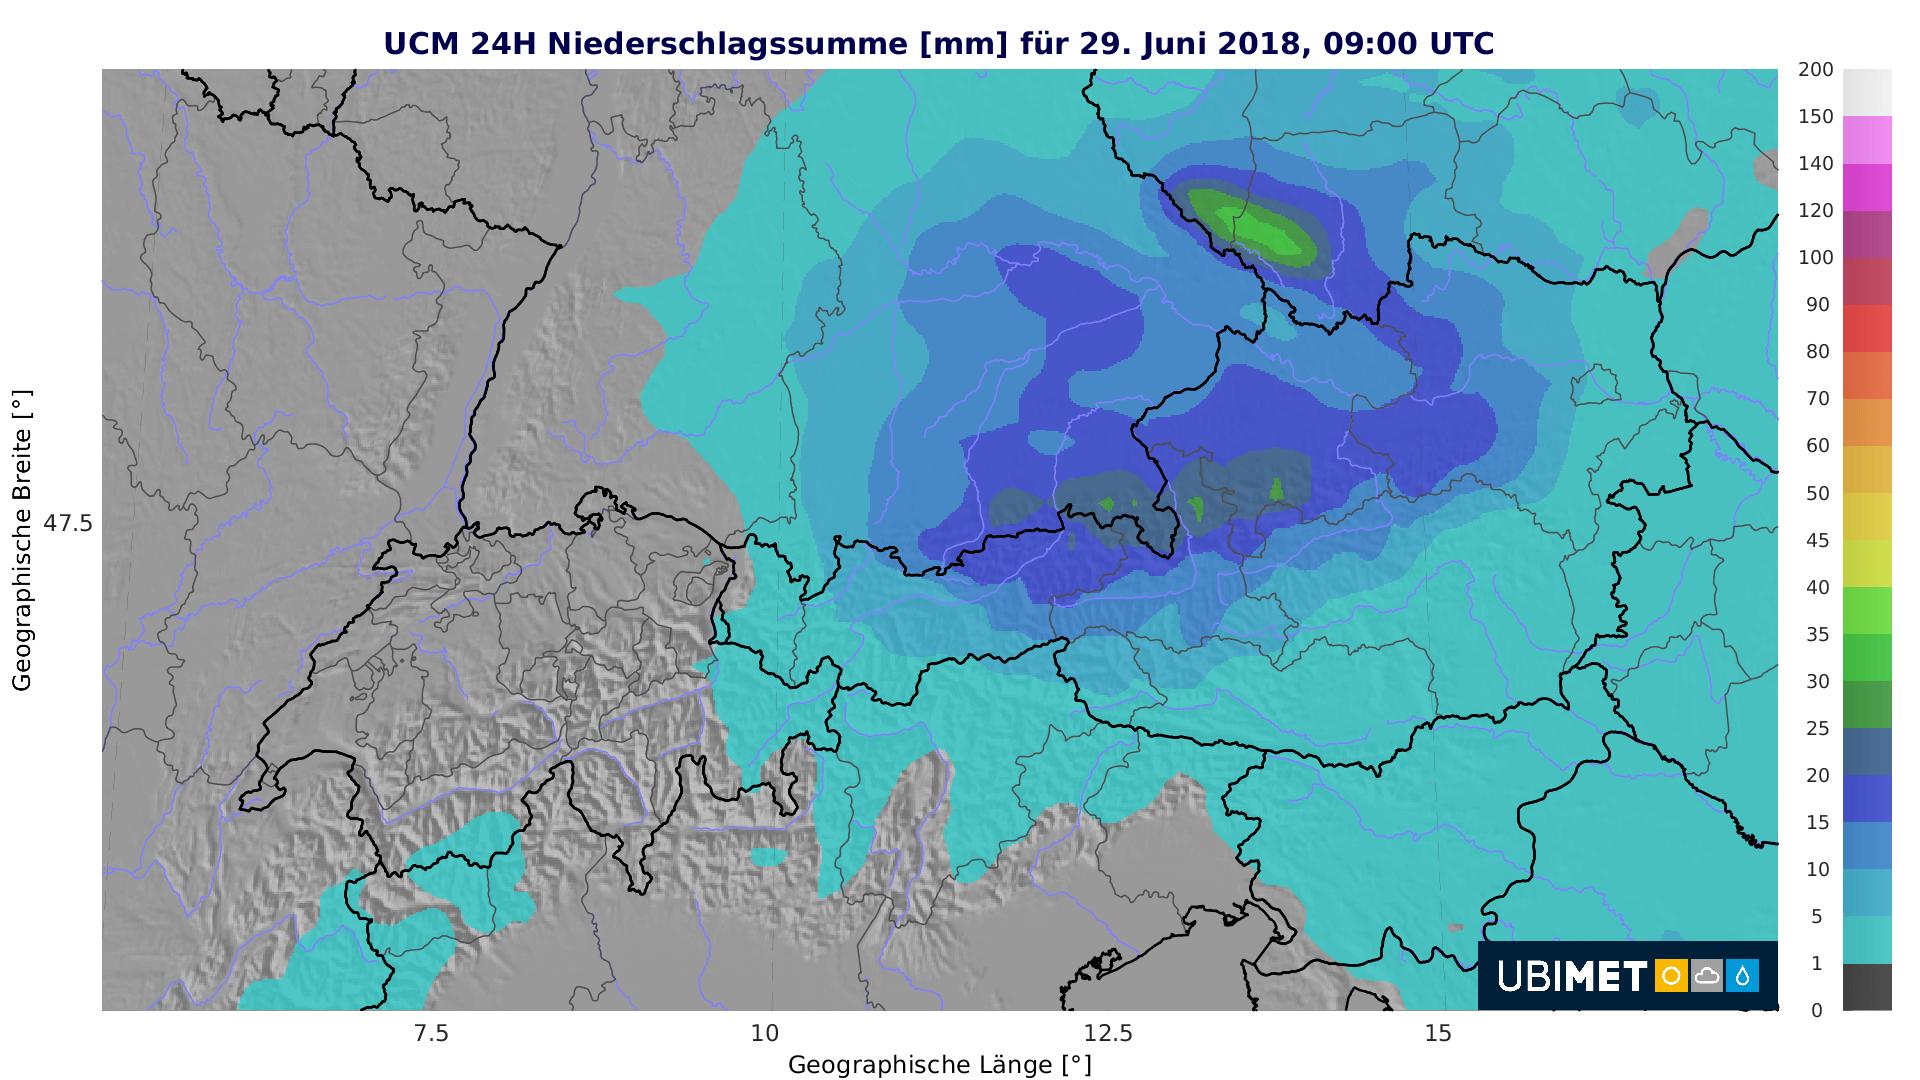 Besonders im Bereich der Nordalpen regnet es kräftig.